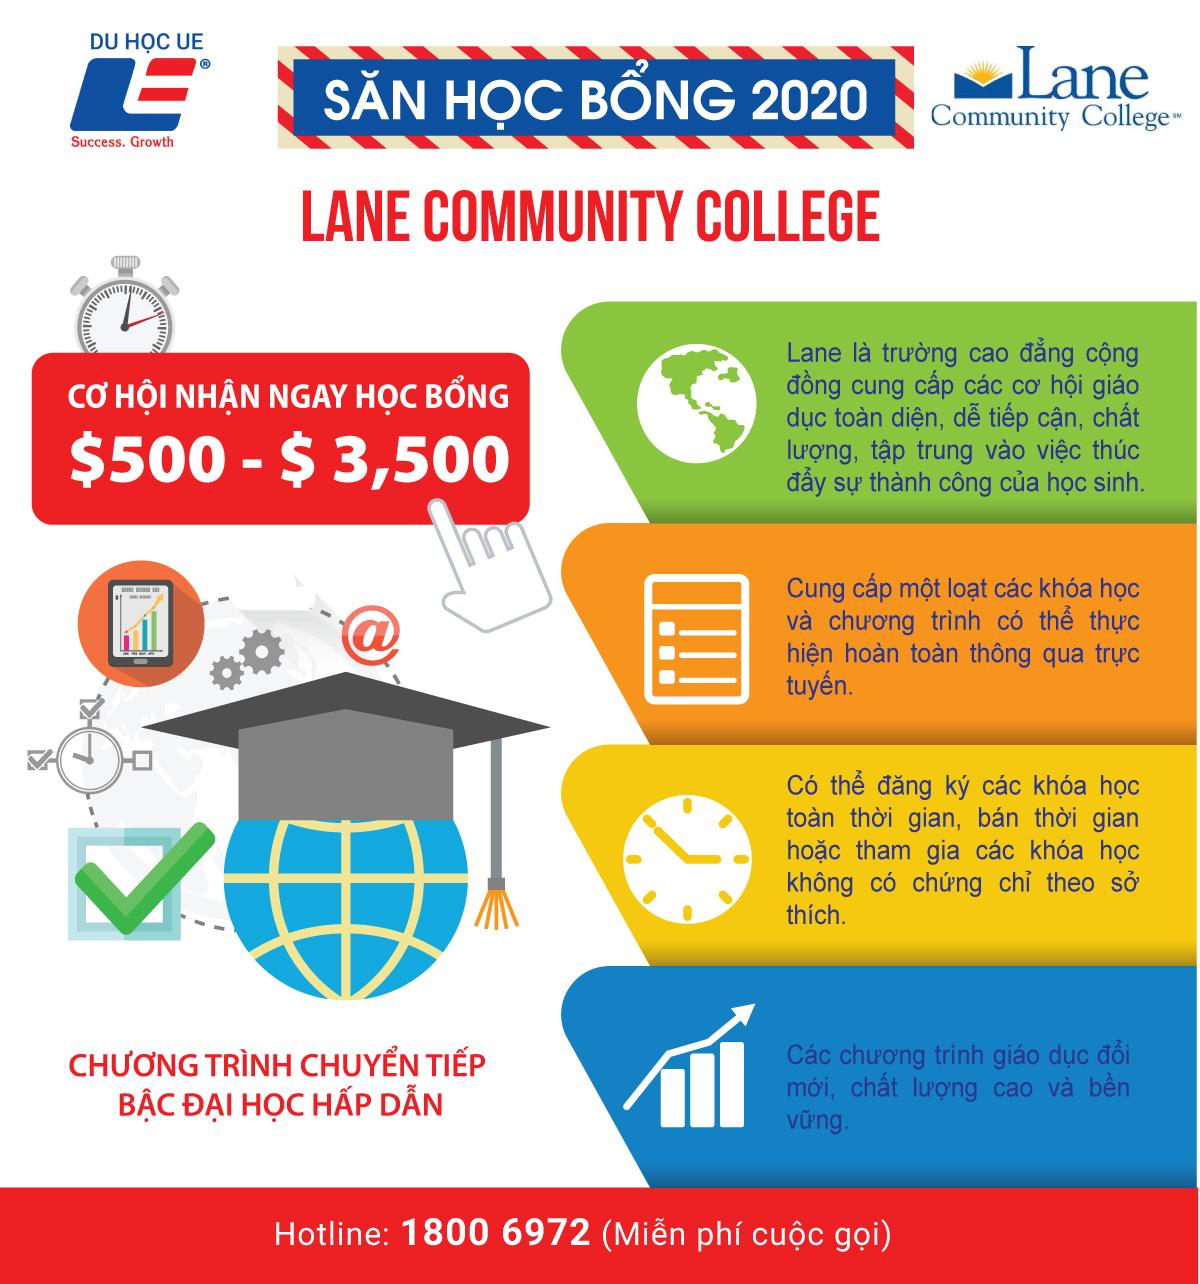 Săn học bổng du học Mỹ cùng Lane Community College - Cơ hội nhận ngay học bổng đầu giá trị khi đăng ký tuyển sinh